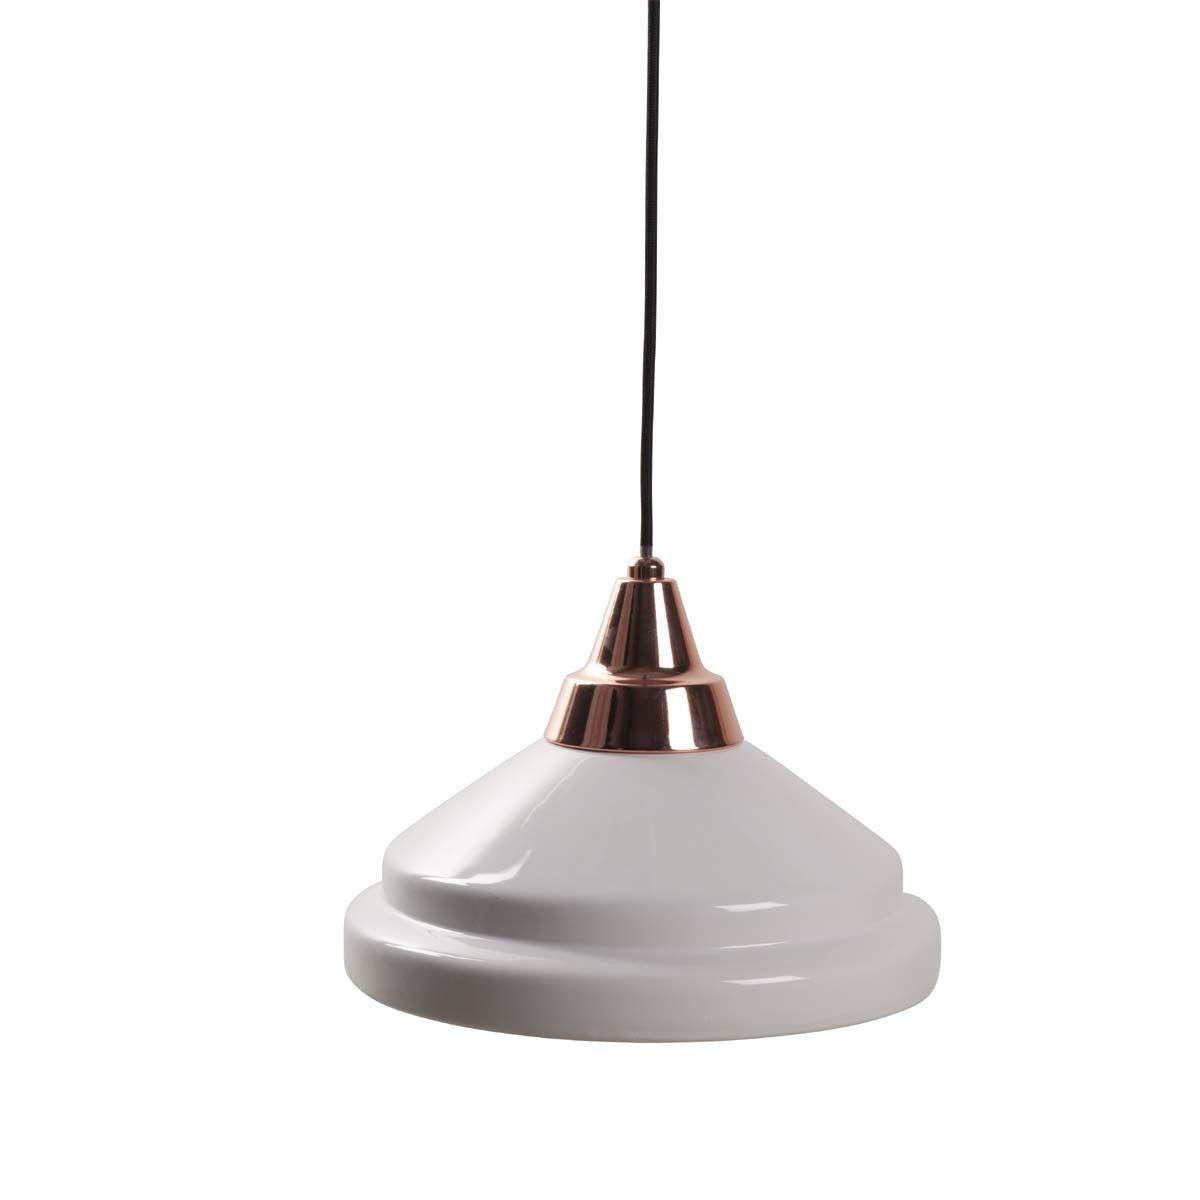 Terra Porcelaine Cuivre Suspension Par Design Et DrawerCuisine UMzVpS